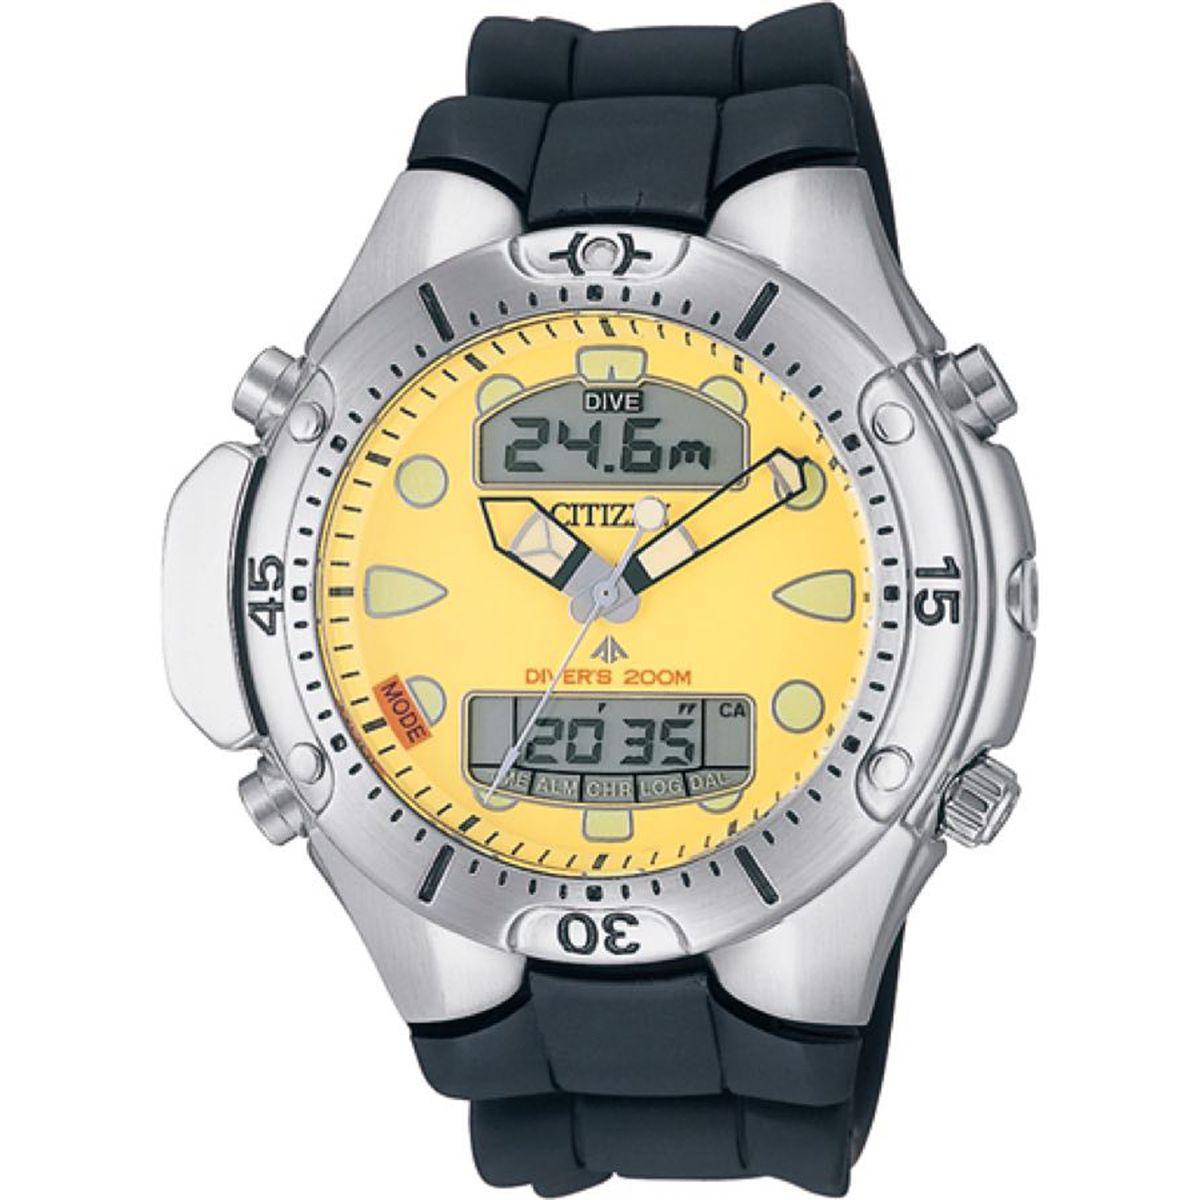 bfe683bdf26 Relógio Citizen Promaster Aqualand Anadigi Diver39s 200m Masculino  JP1060-01X - TZ10128Y Produto não disponível